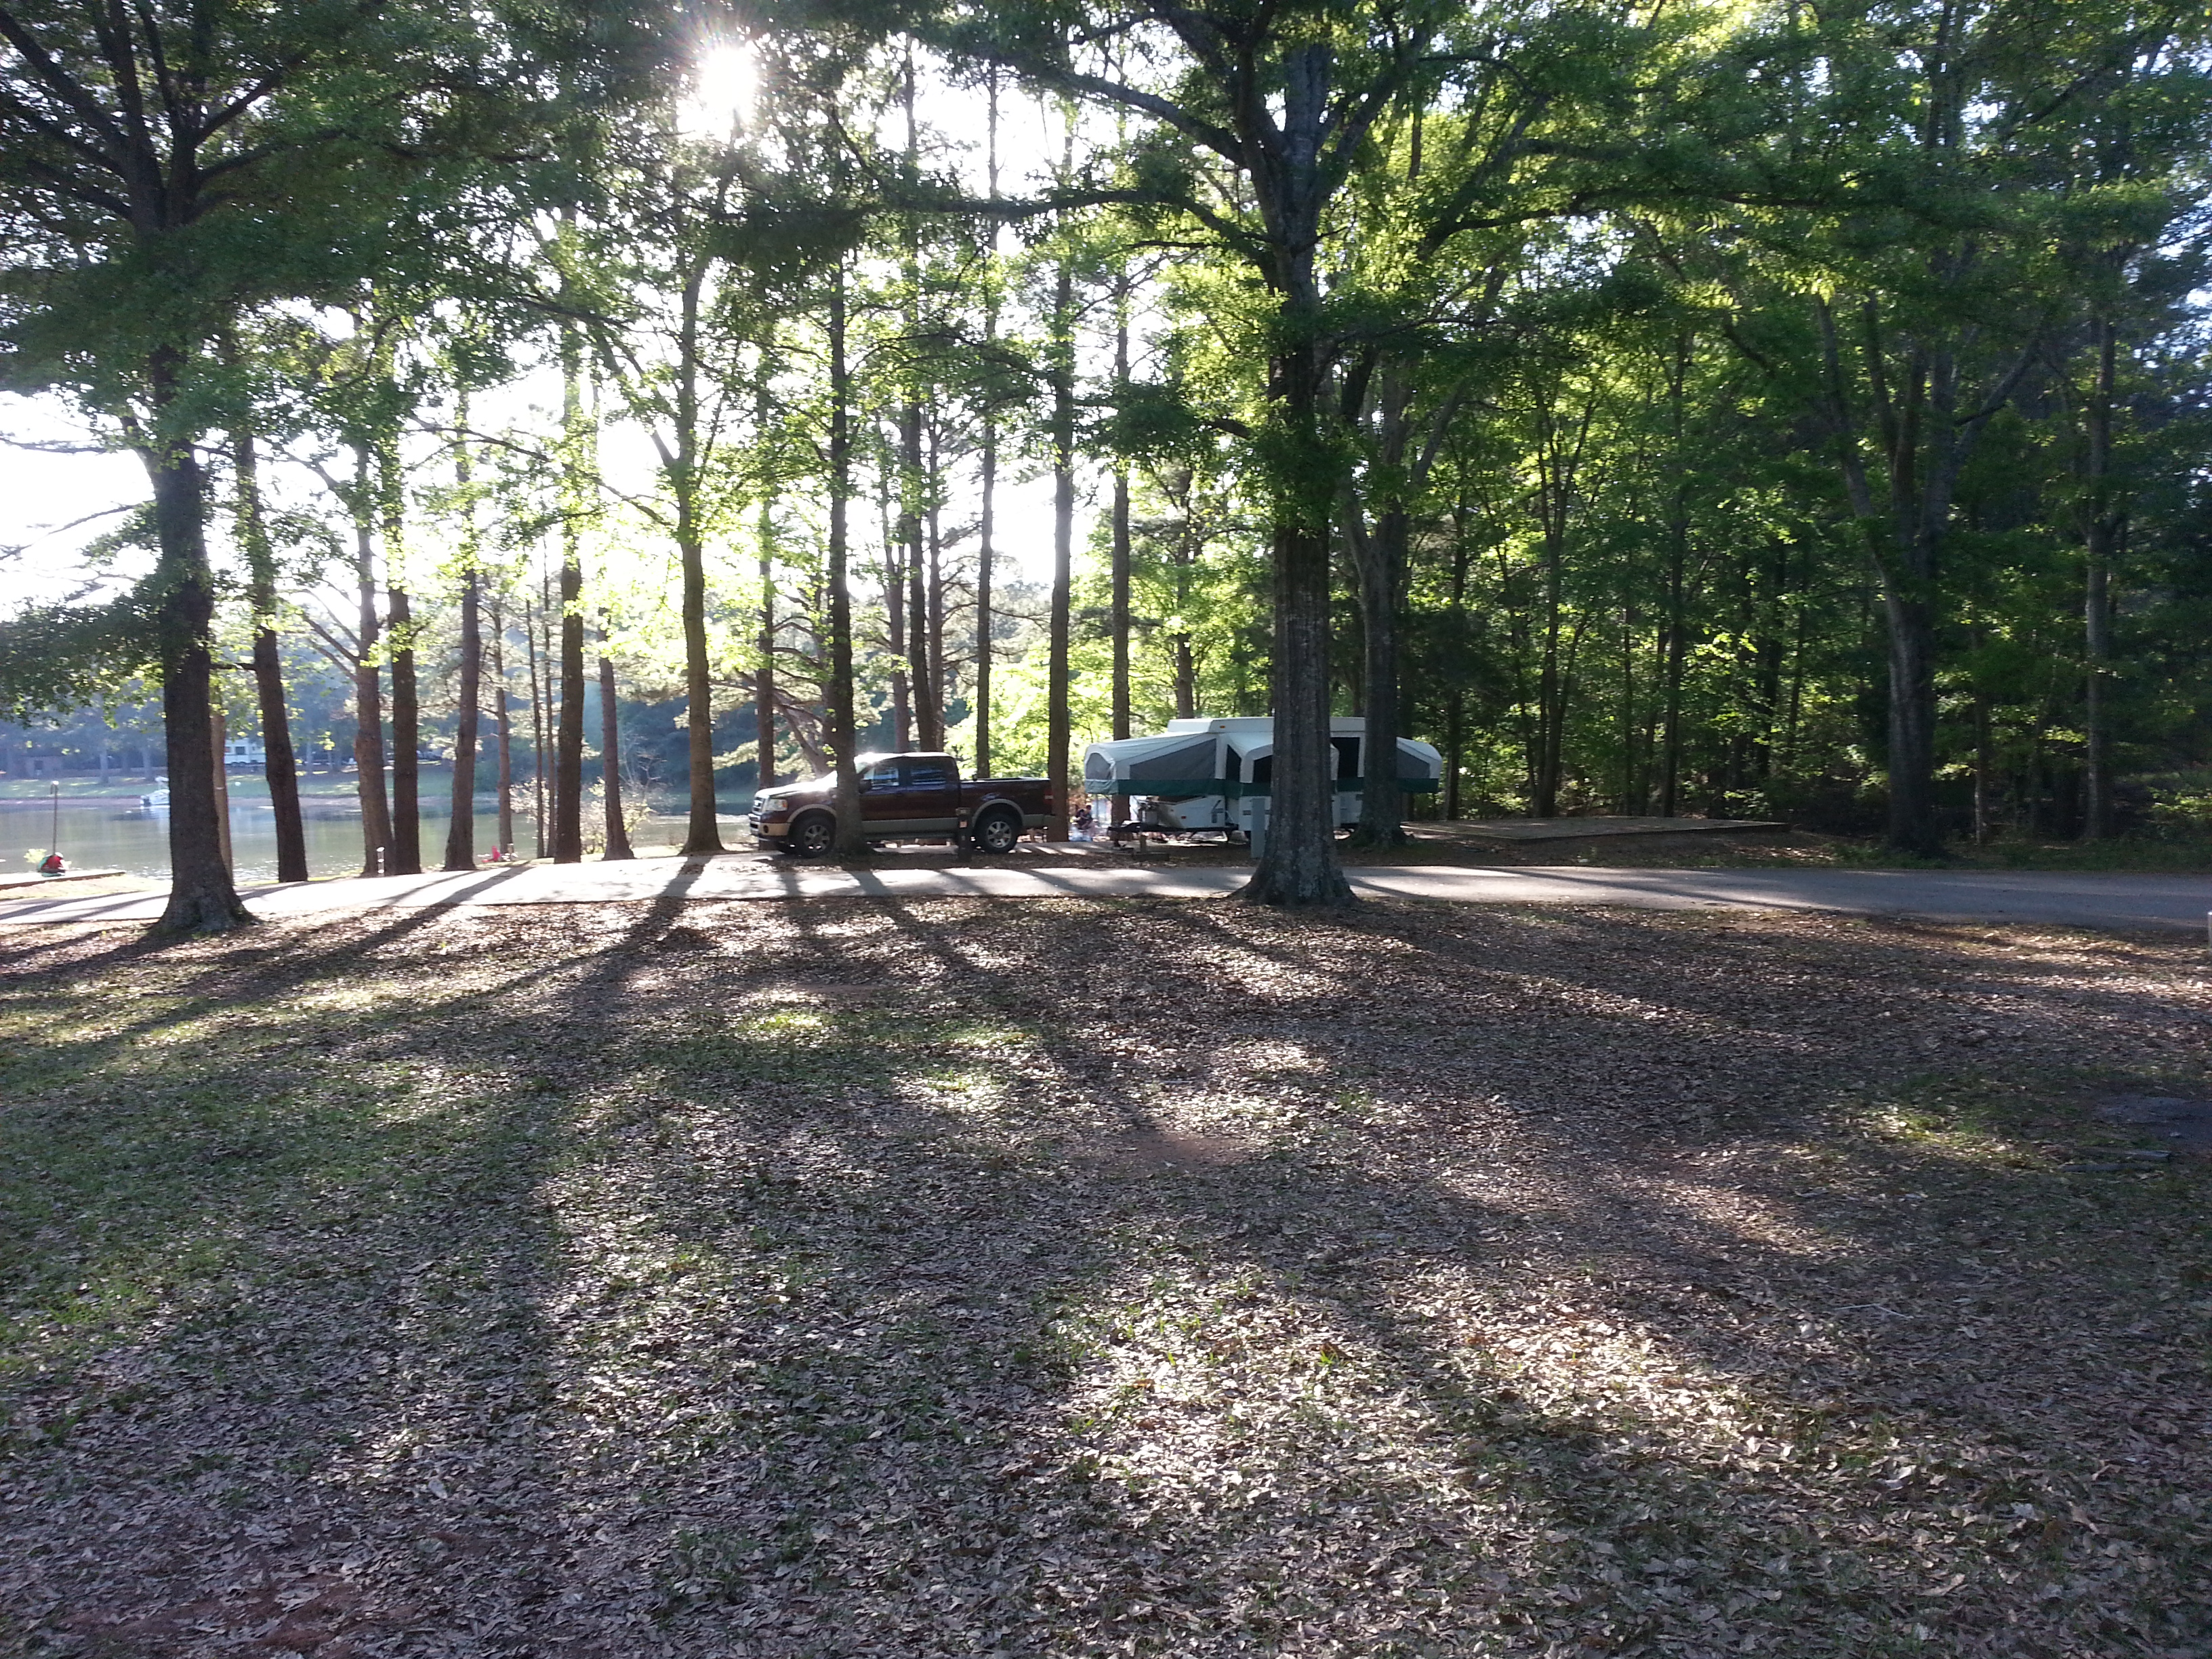 Lagrange Rv Parks Reviews And Photos Rvparking Com